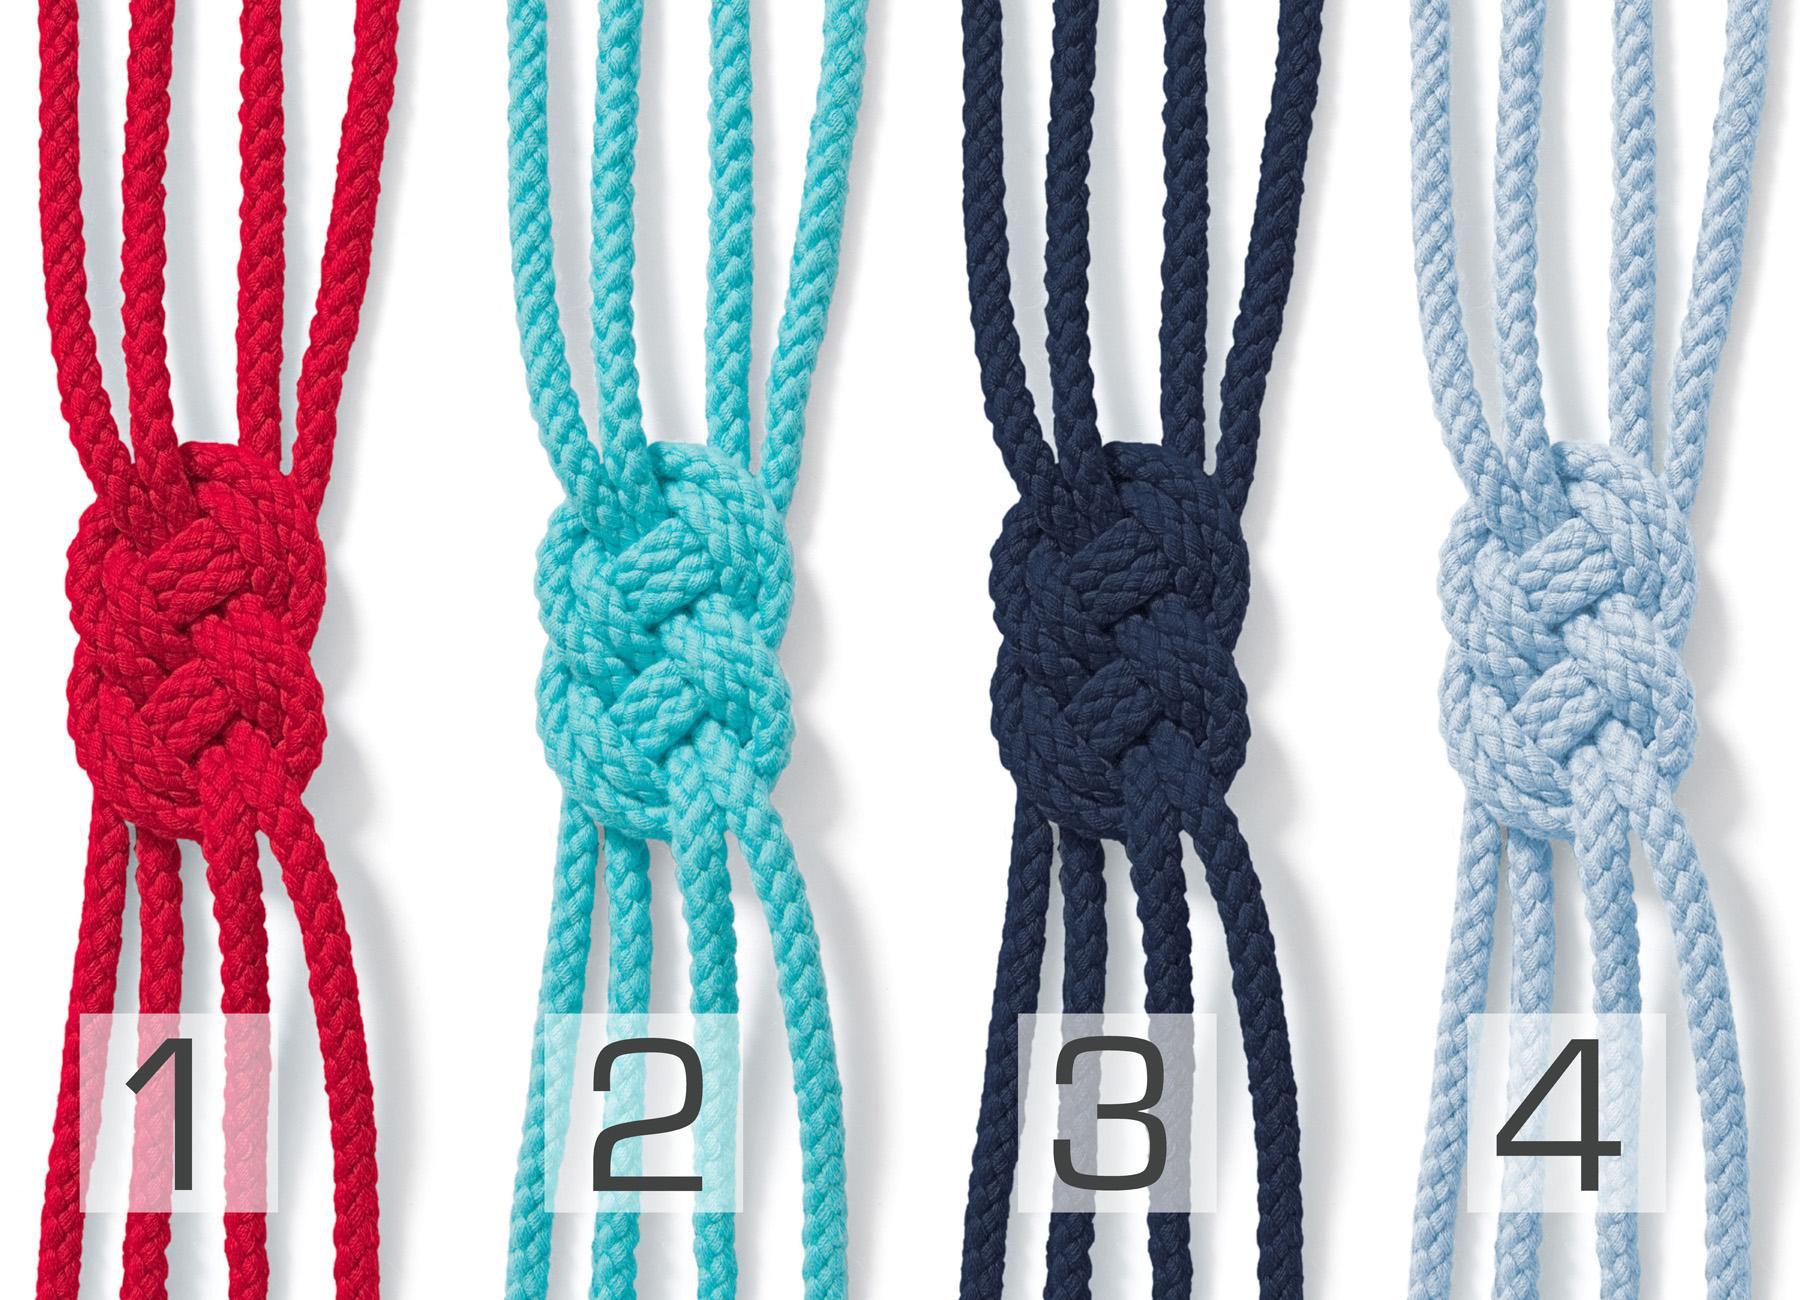 Bio Baumwolle Kordel 5mm geflochten rund, diverse Farben